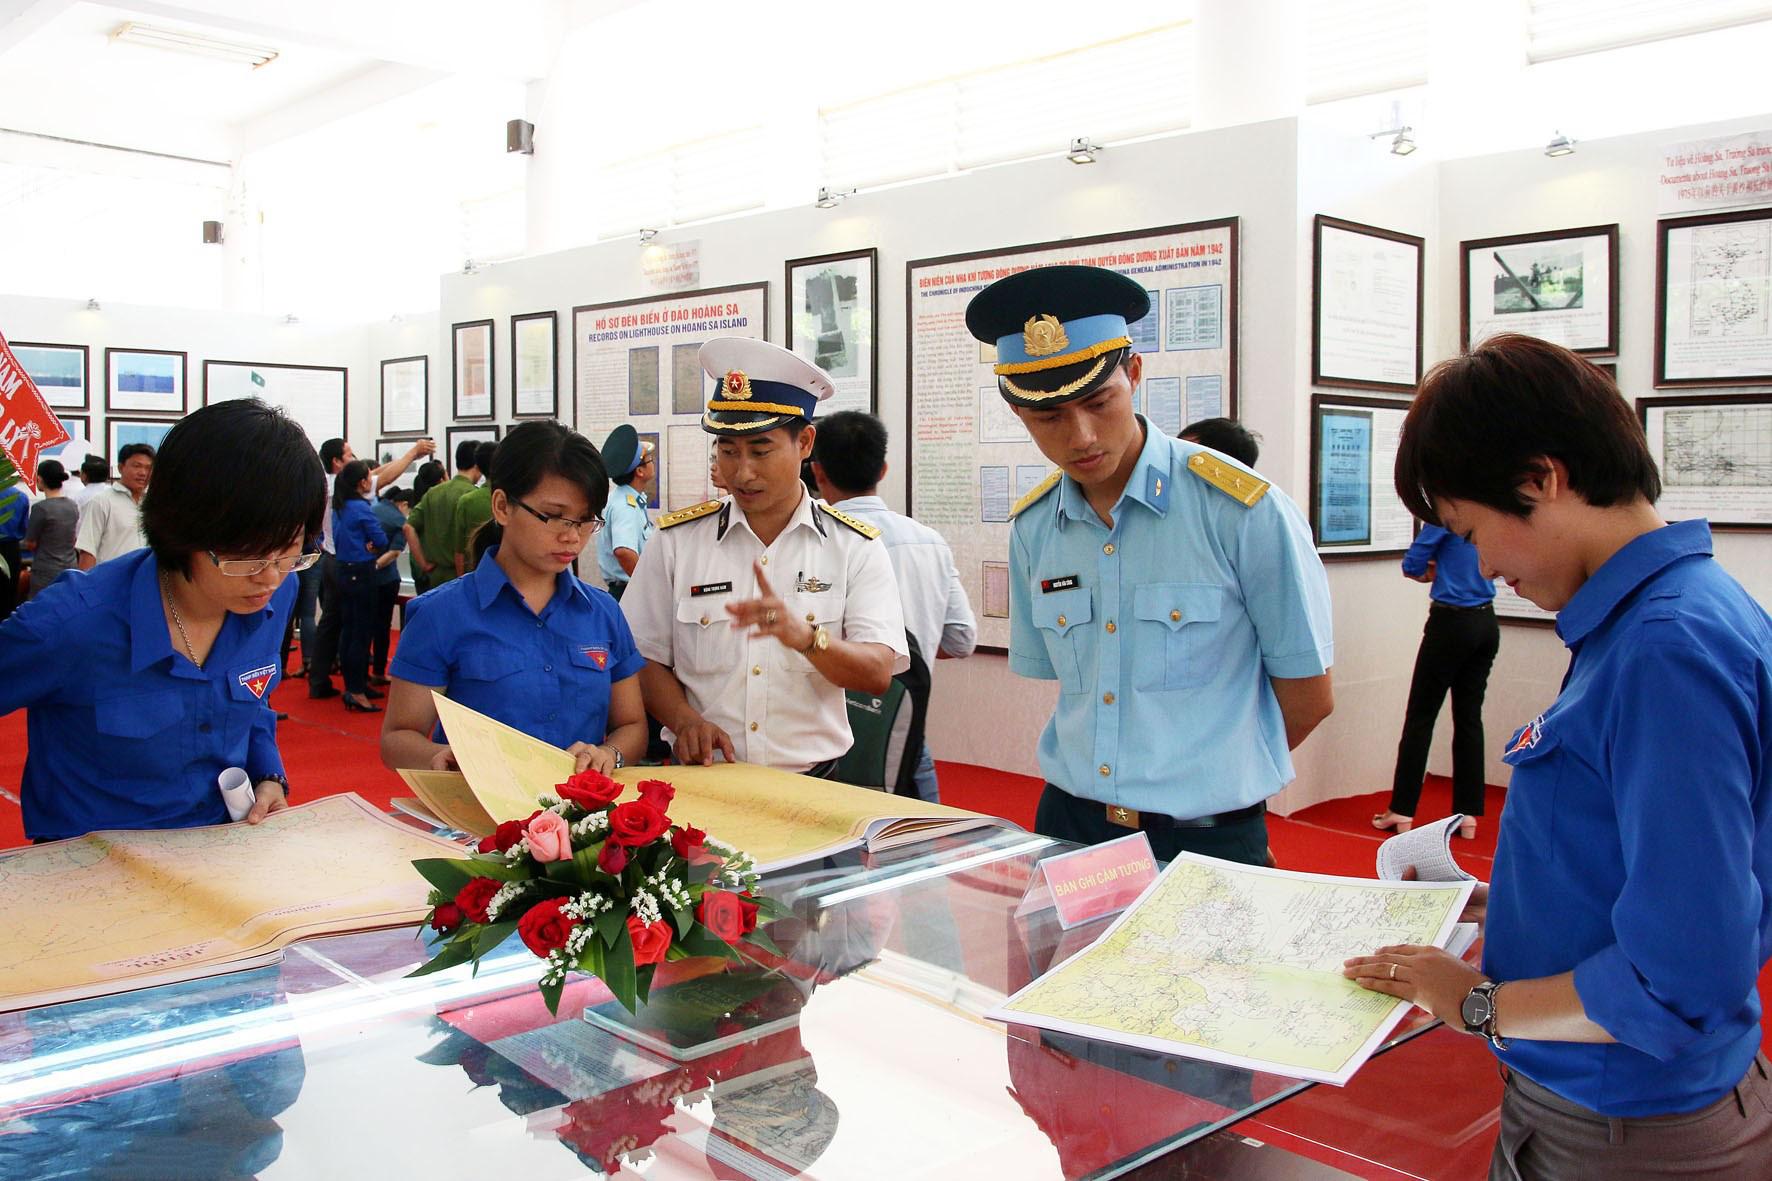 Tuyên Quang: exposition de cartes et d'archives sur les deux archipels Hoàng Sa et Truong Sa du Vietnam